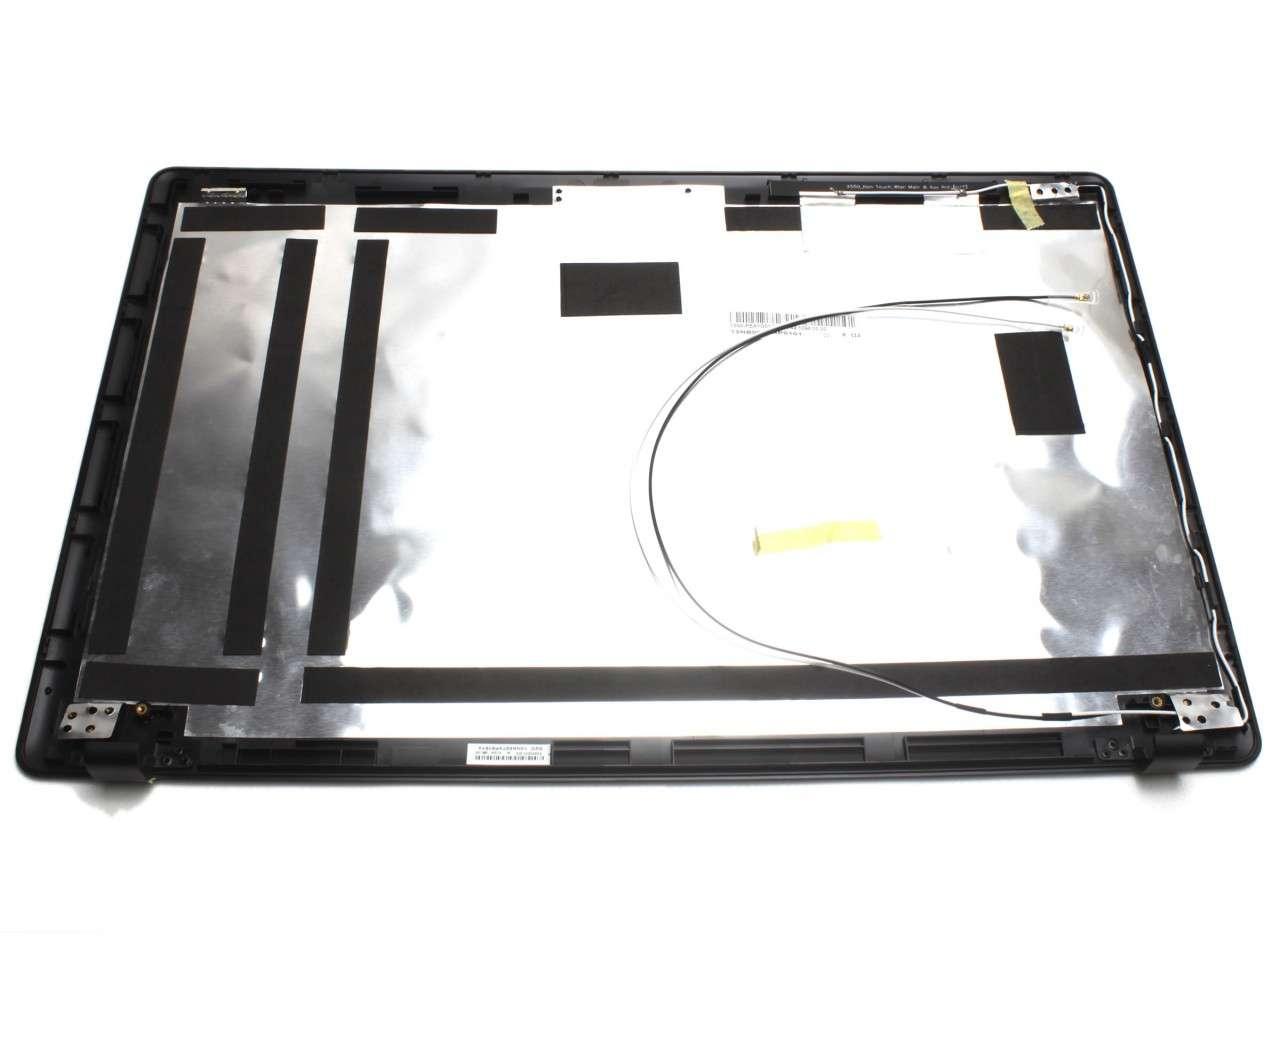 Capac Display BackCover Asus F550ZE Carcasa Display imagine powerlaptop.ro 2021